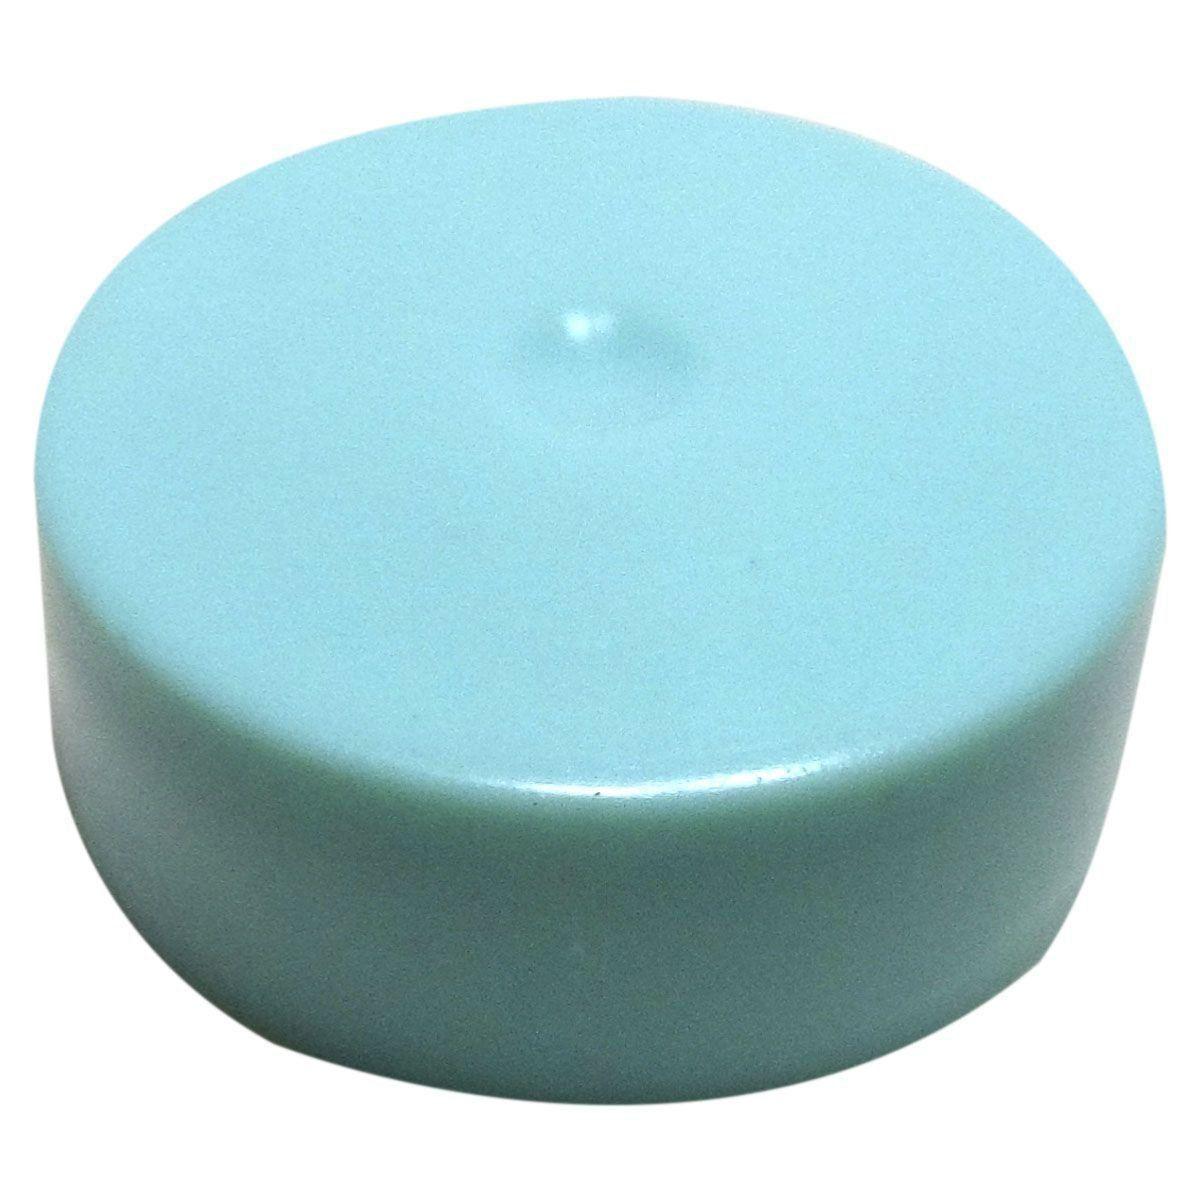 Botão de Acionamento Verde Refrigerador Electrolux 67490180